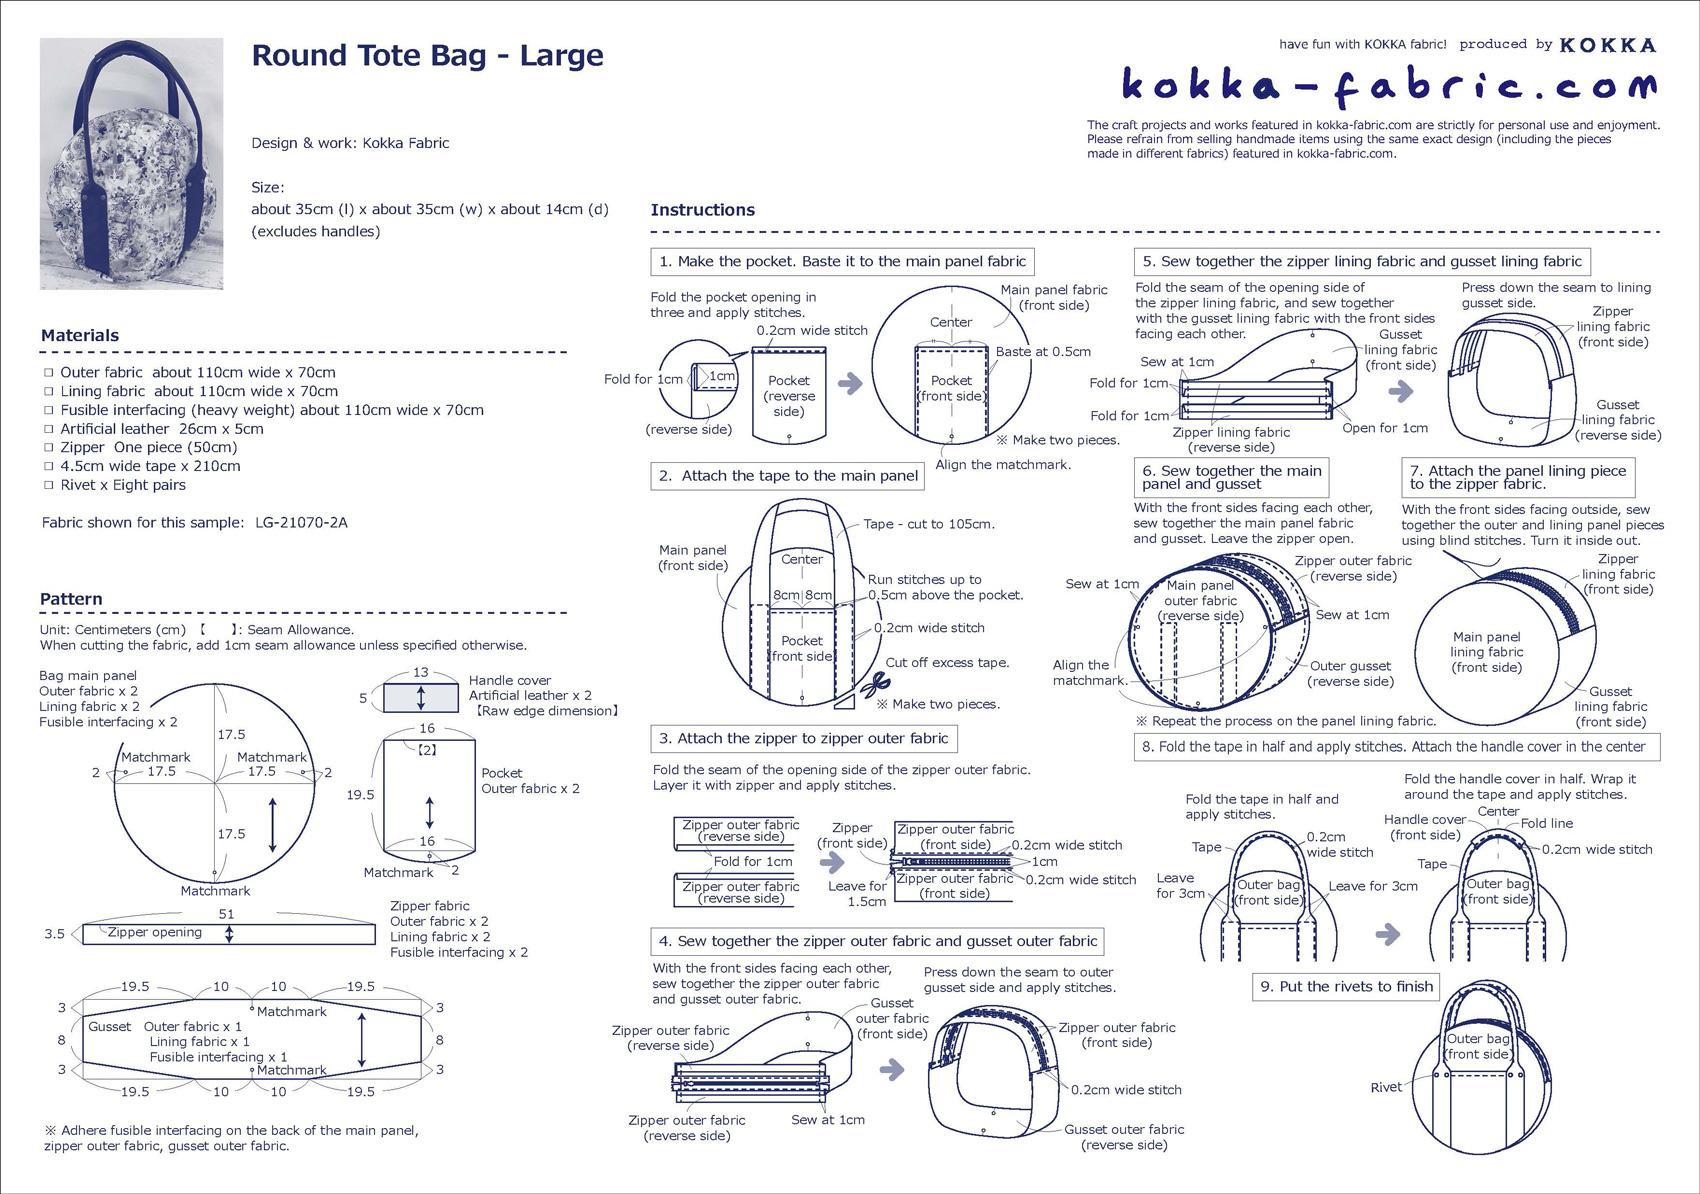 CS306_Round-_Tote_Bag_Large_E